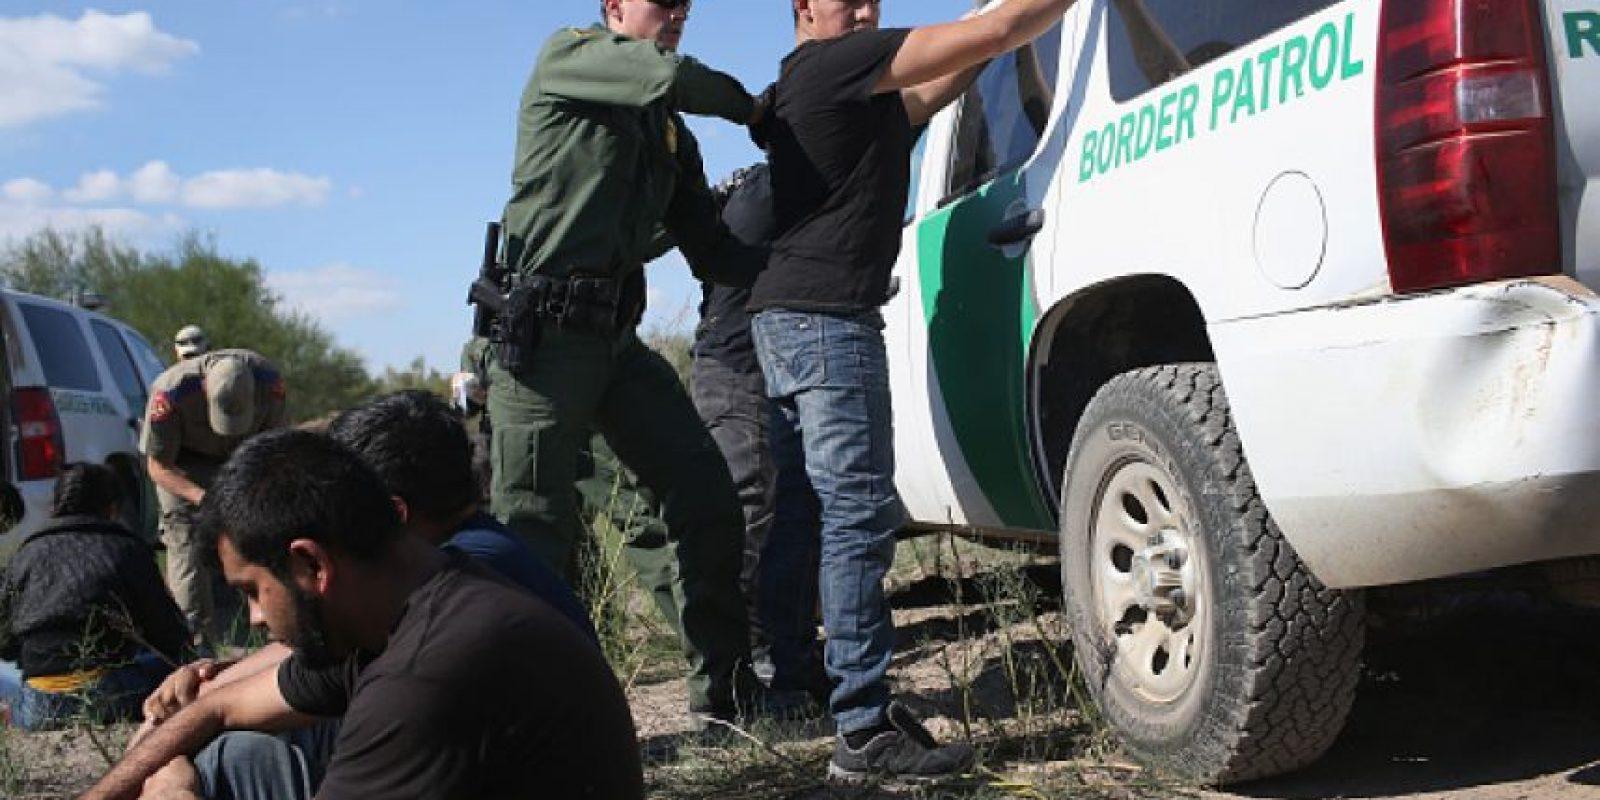 El presidente intentó establecer una reforma migratoria Foto:Getty Images